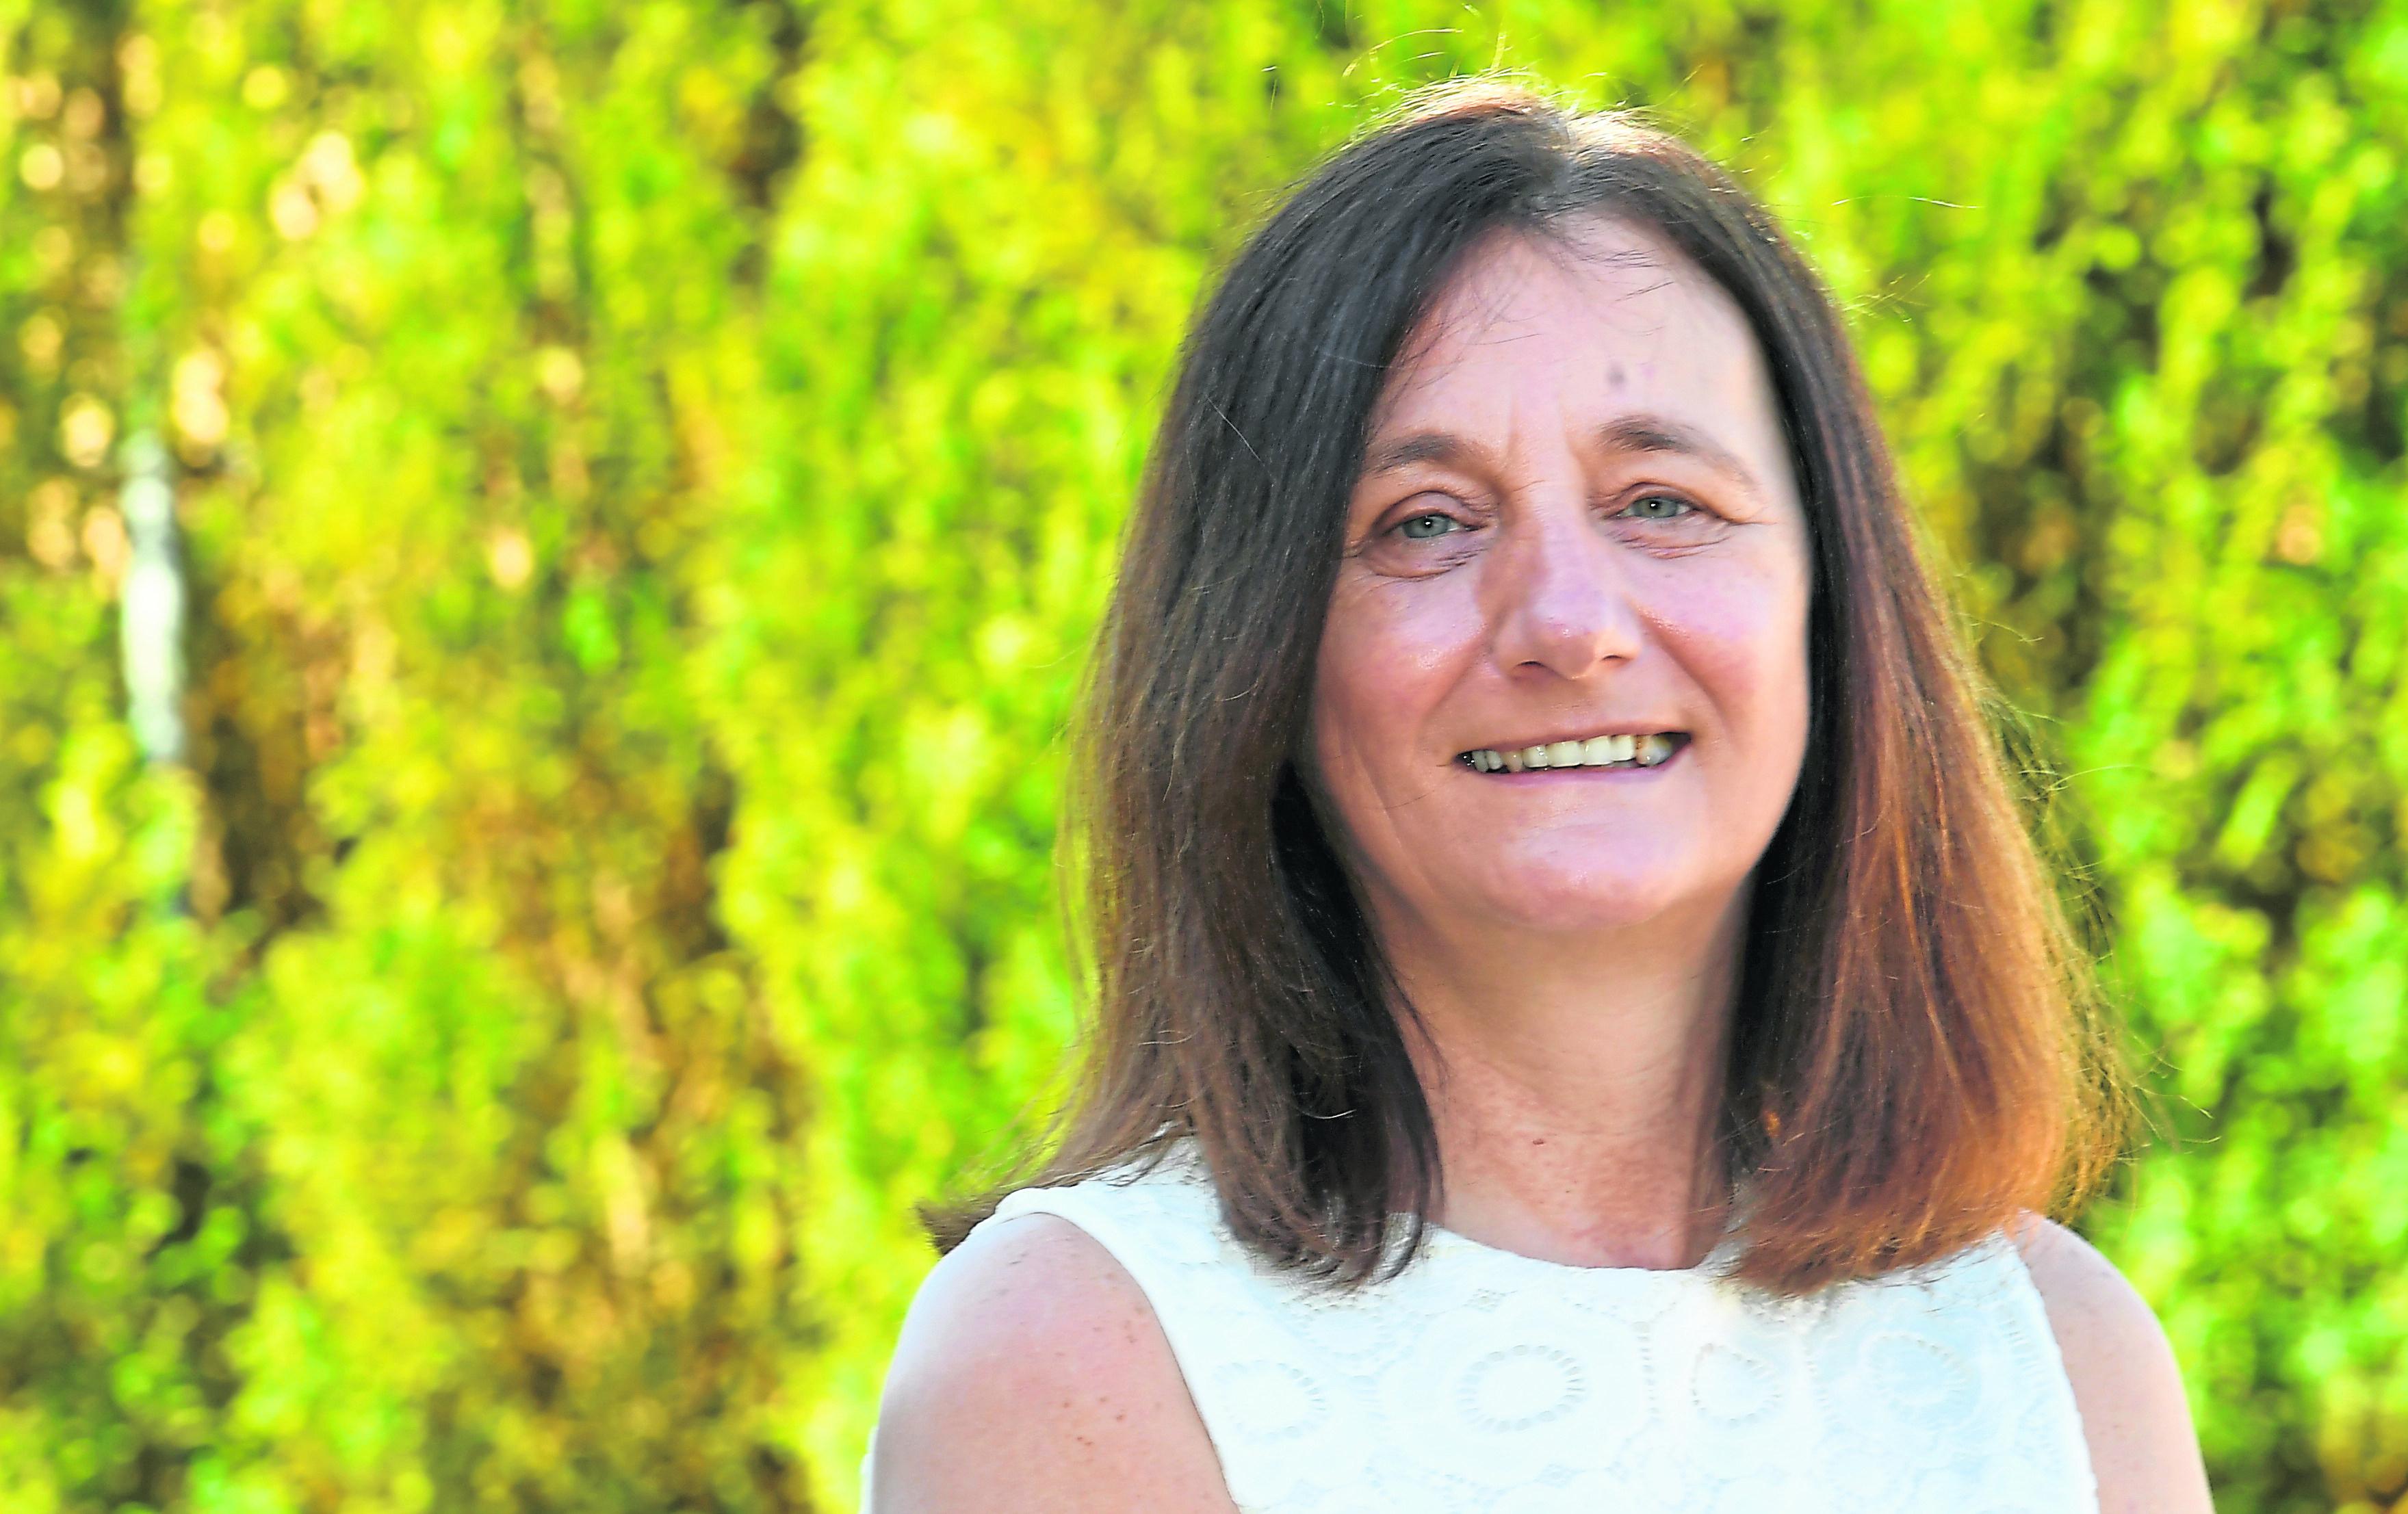 Heather Singer from Portlethen.